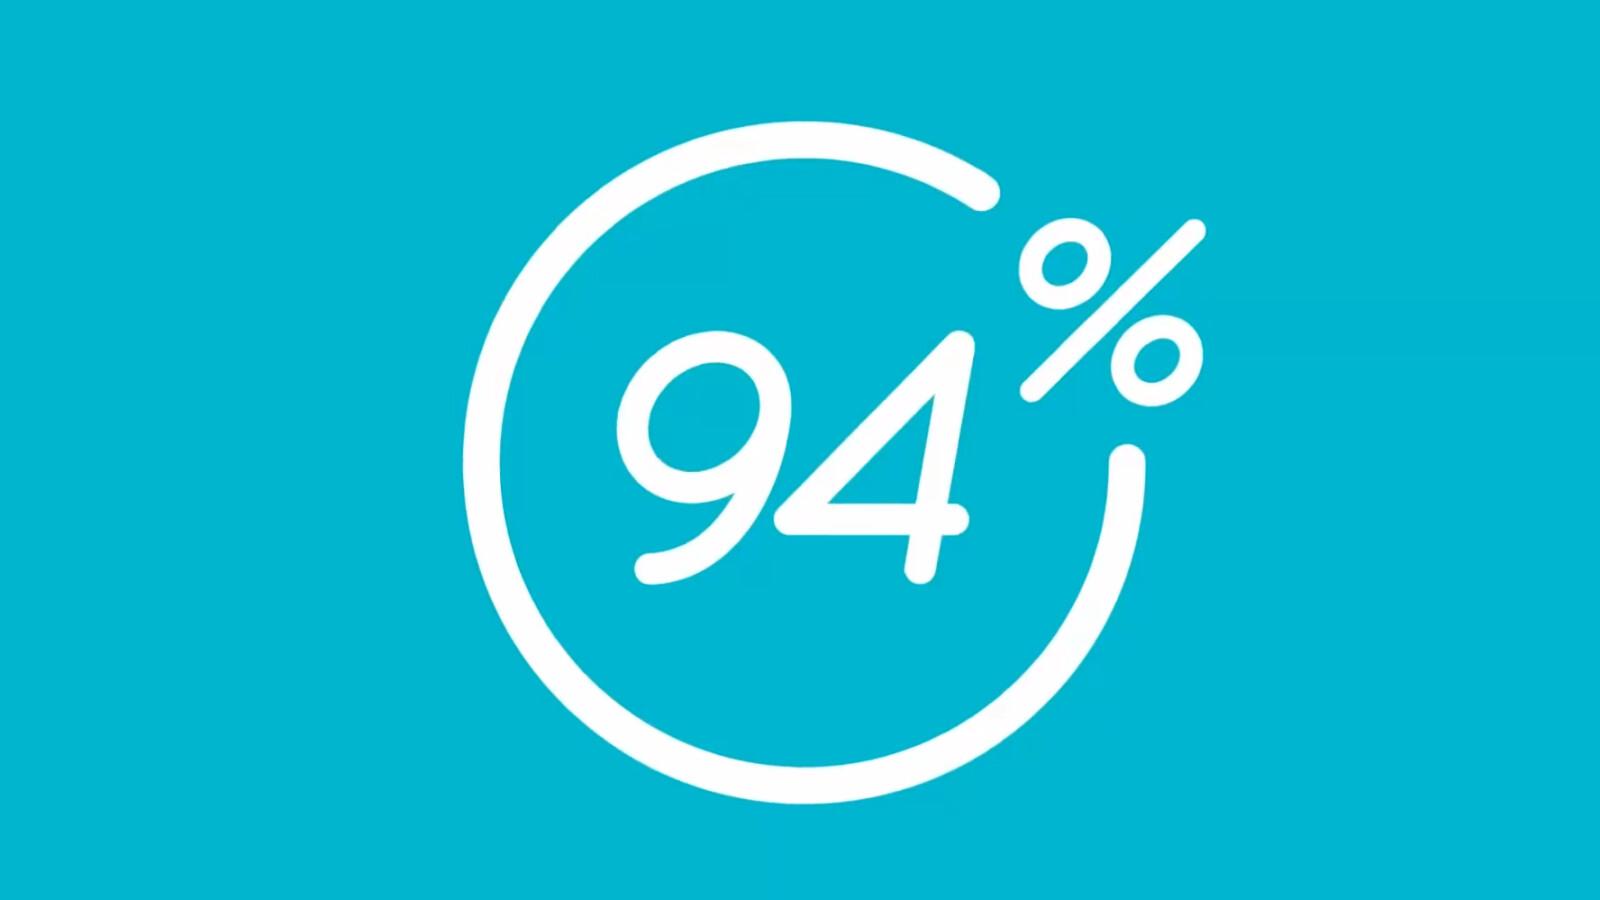 94 Prozent: Lösung aller Level (1 bis 223) von 94% in der Übersicht ...